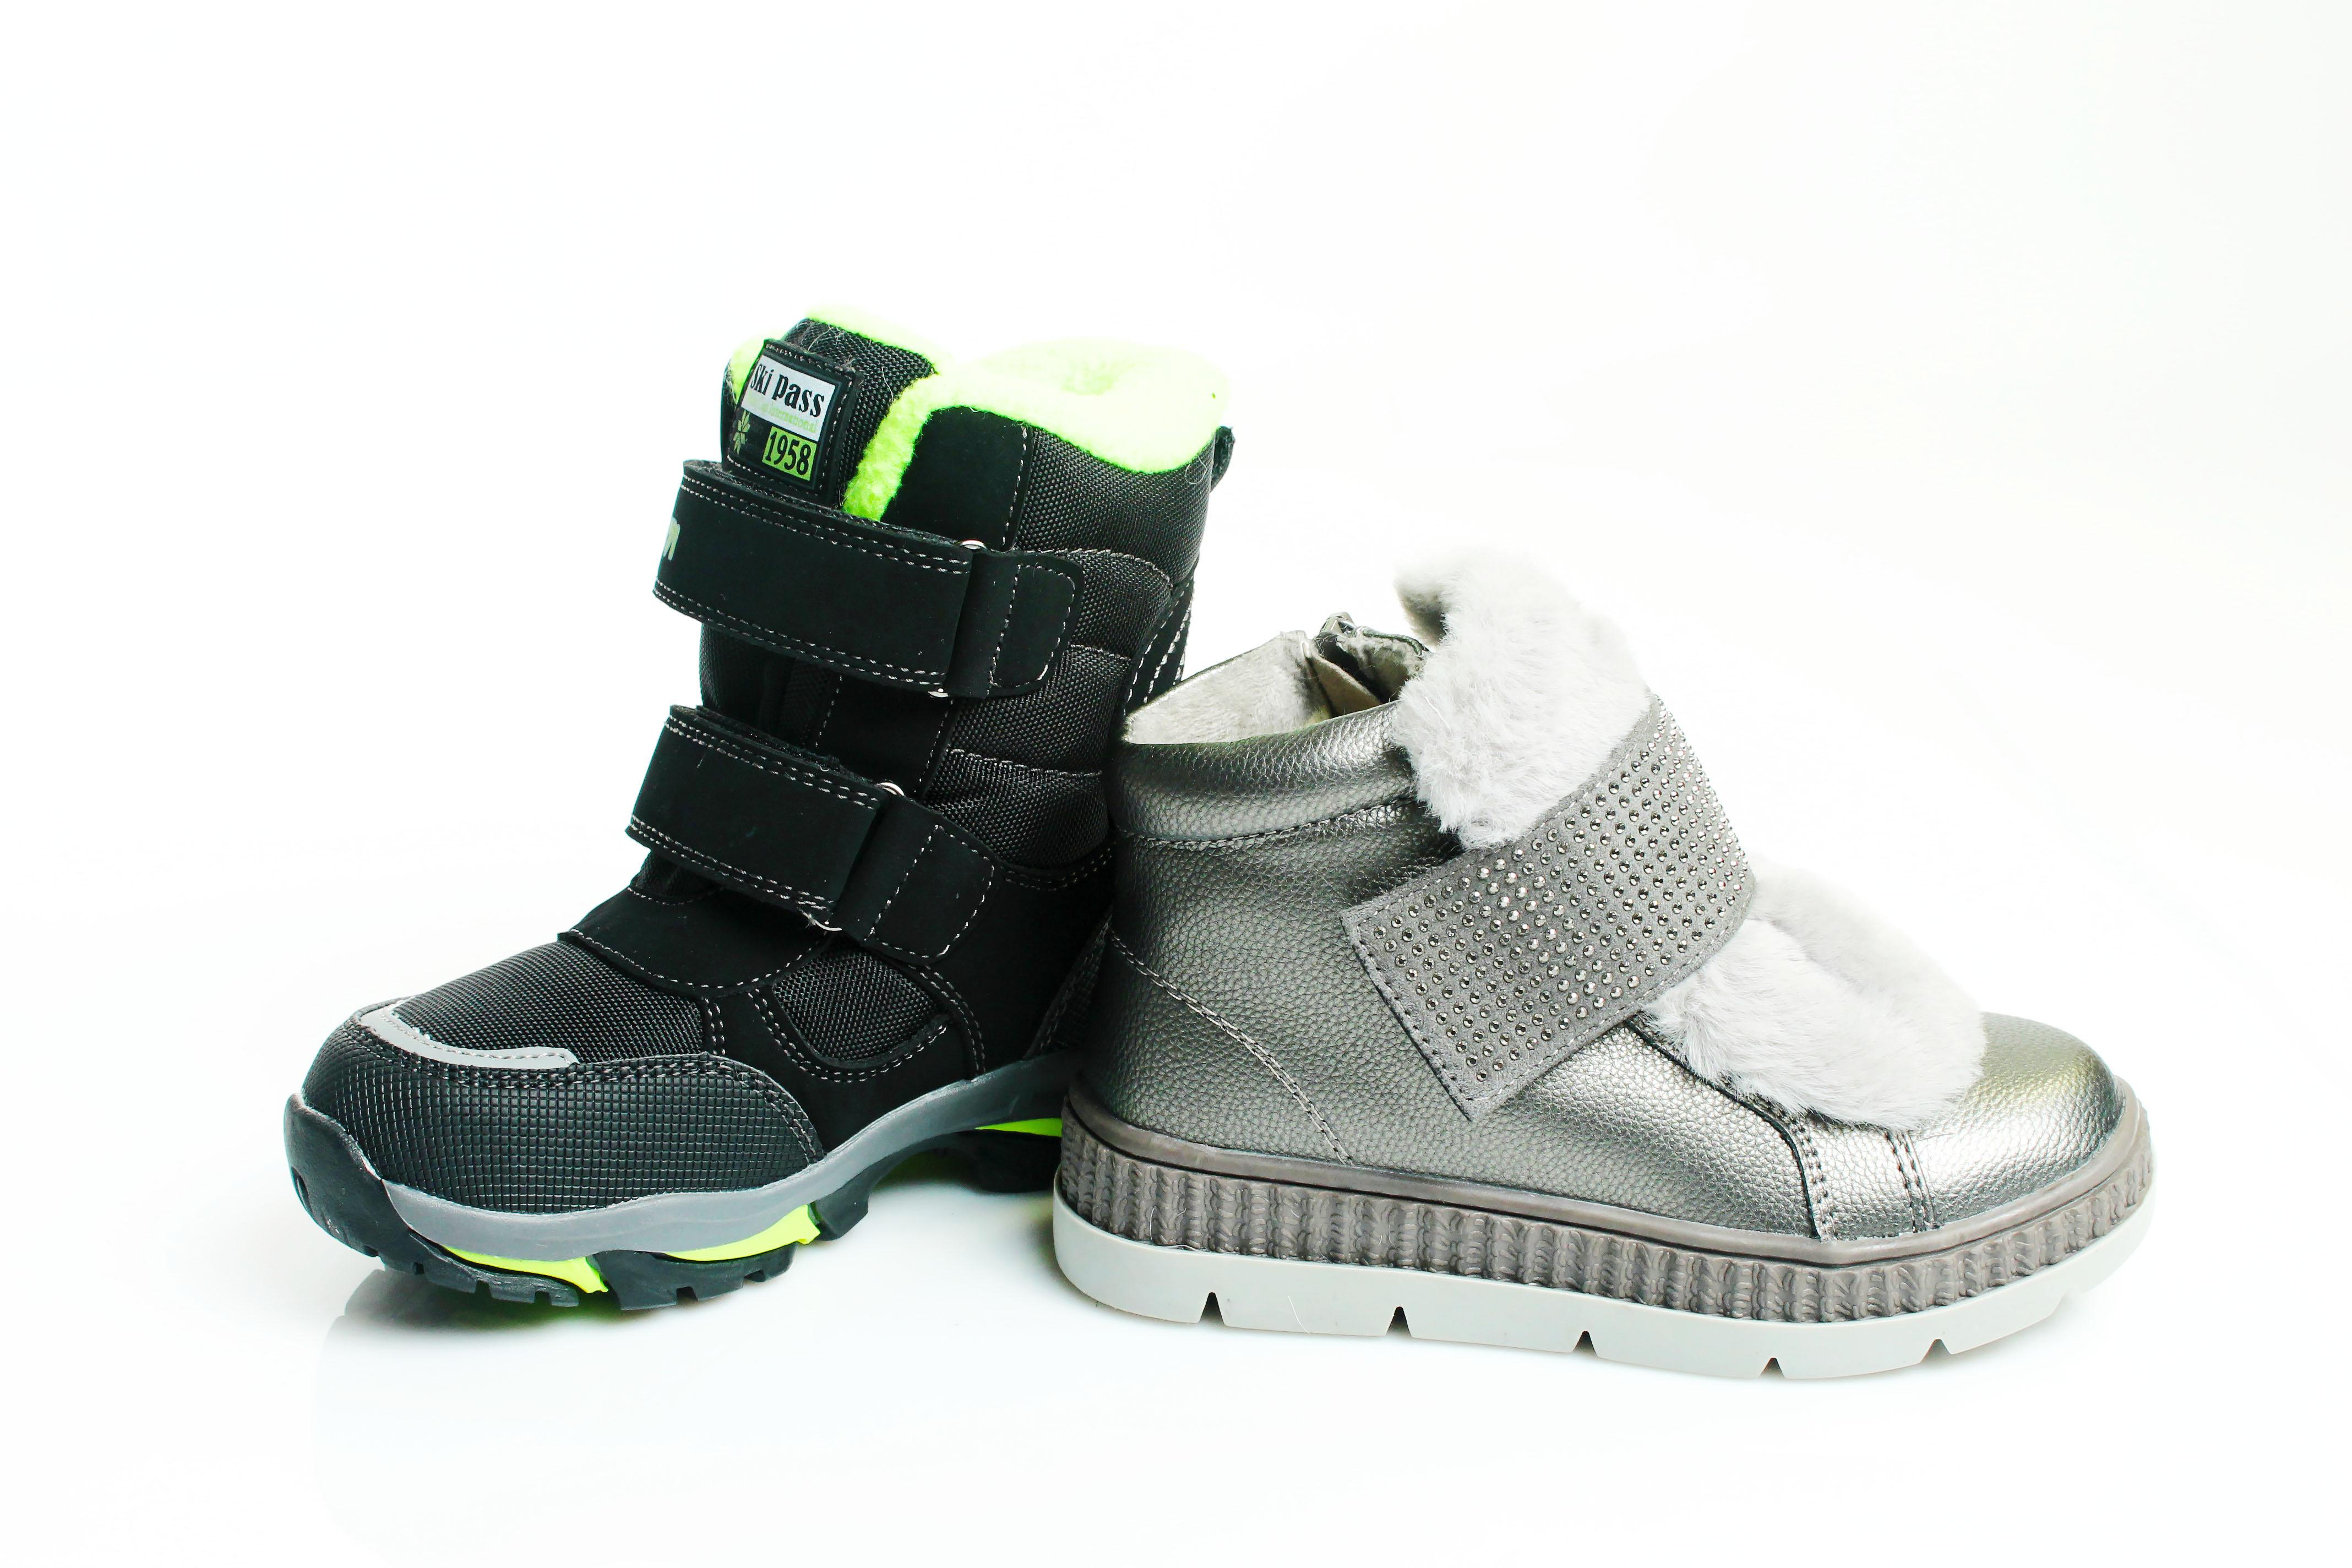 6c9ce43c2edba7 Детская обувь Сказка оптом